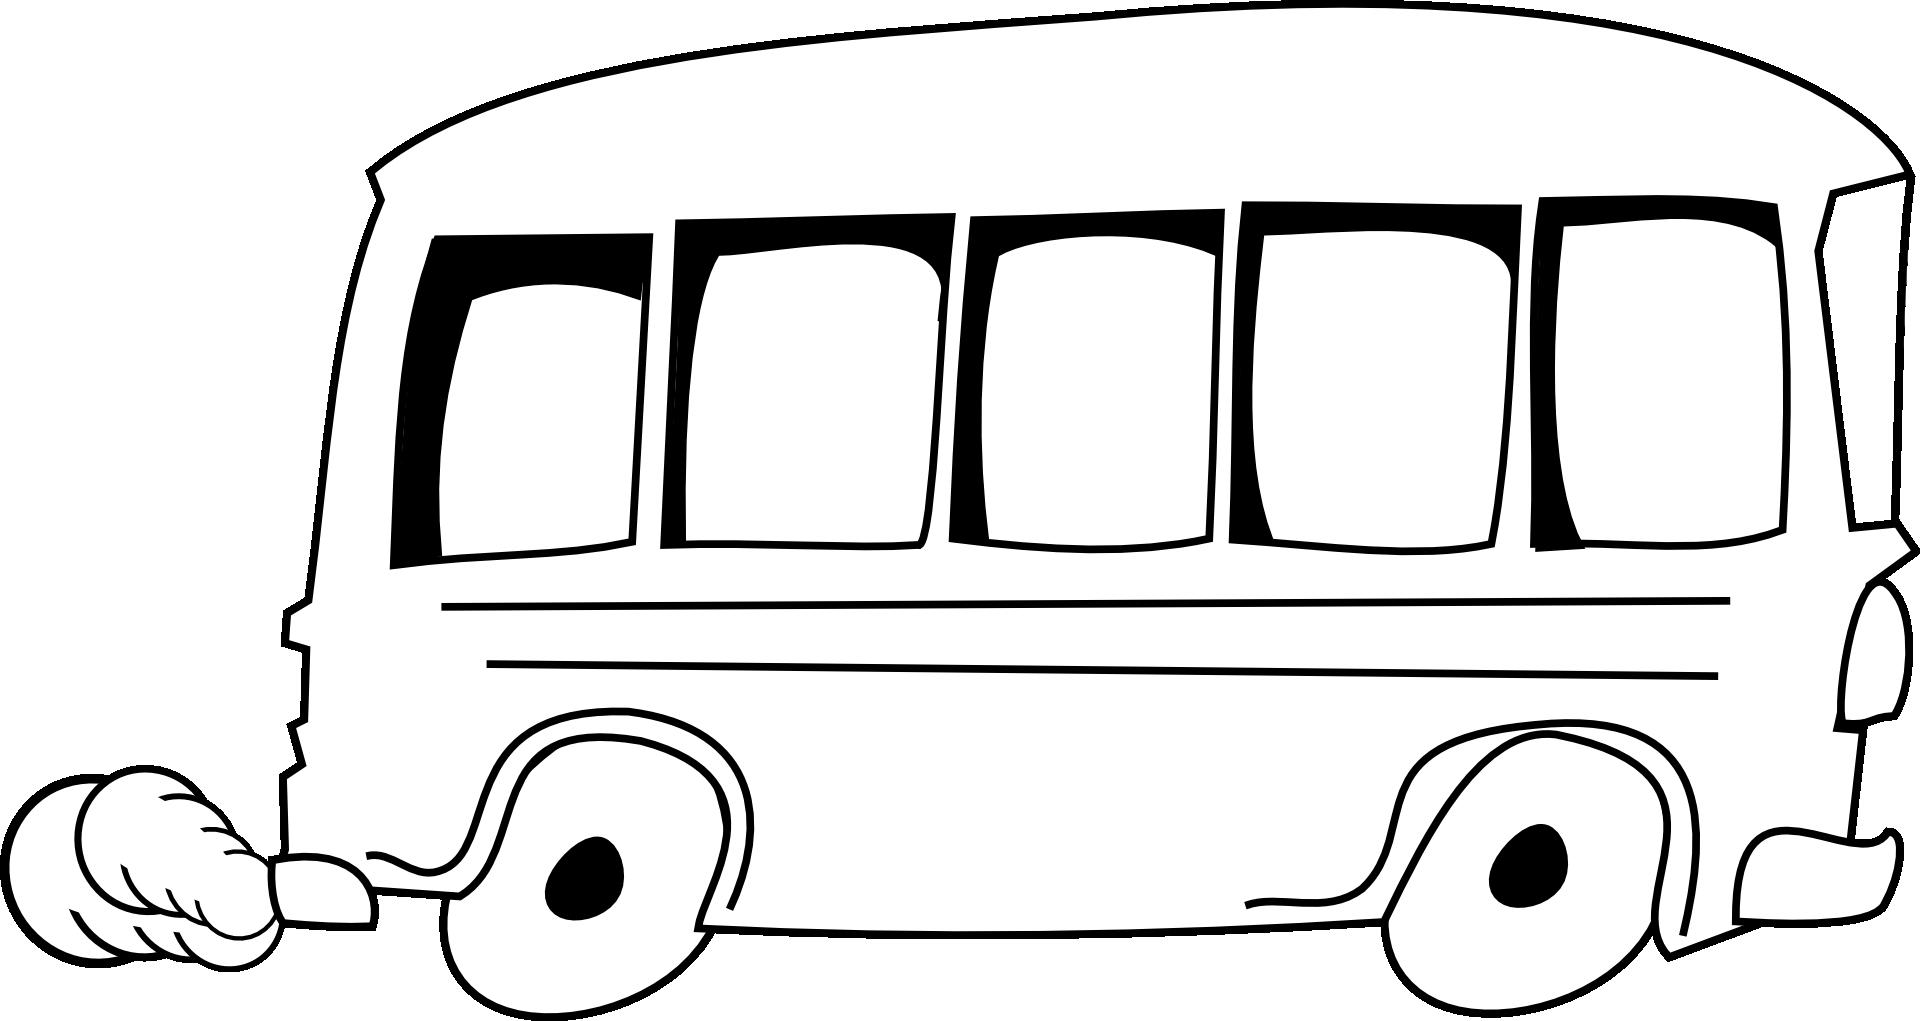 Transparent school bus clip art - Bus Clipart Free - Outline Of A Bus